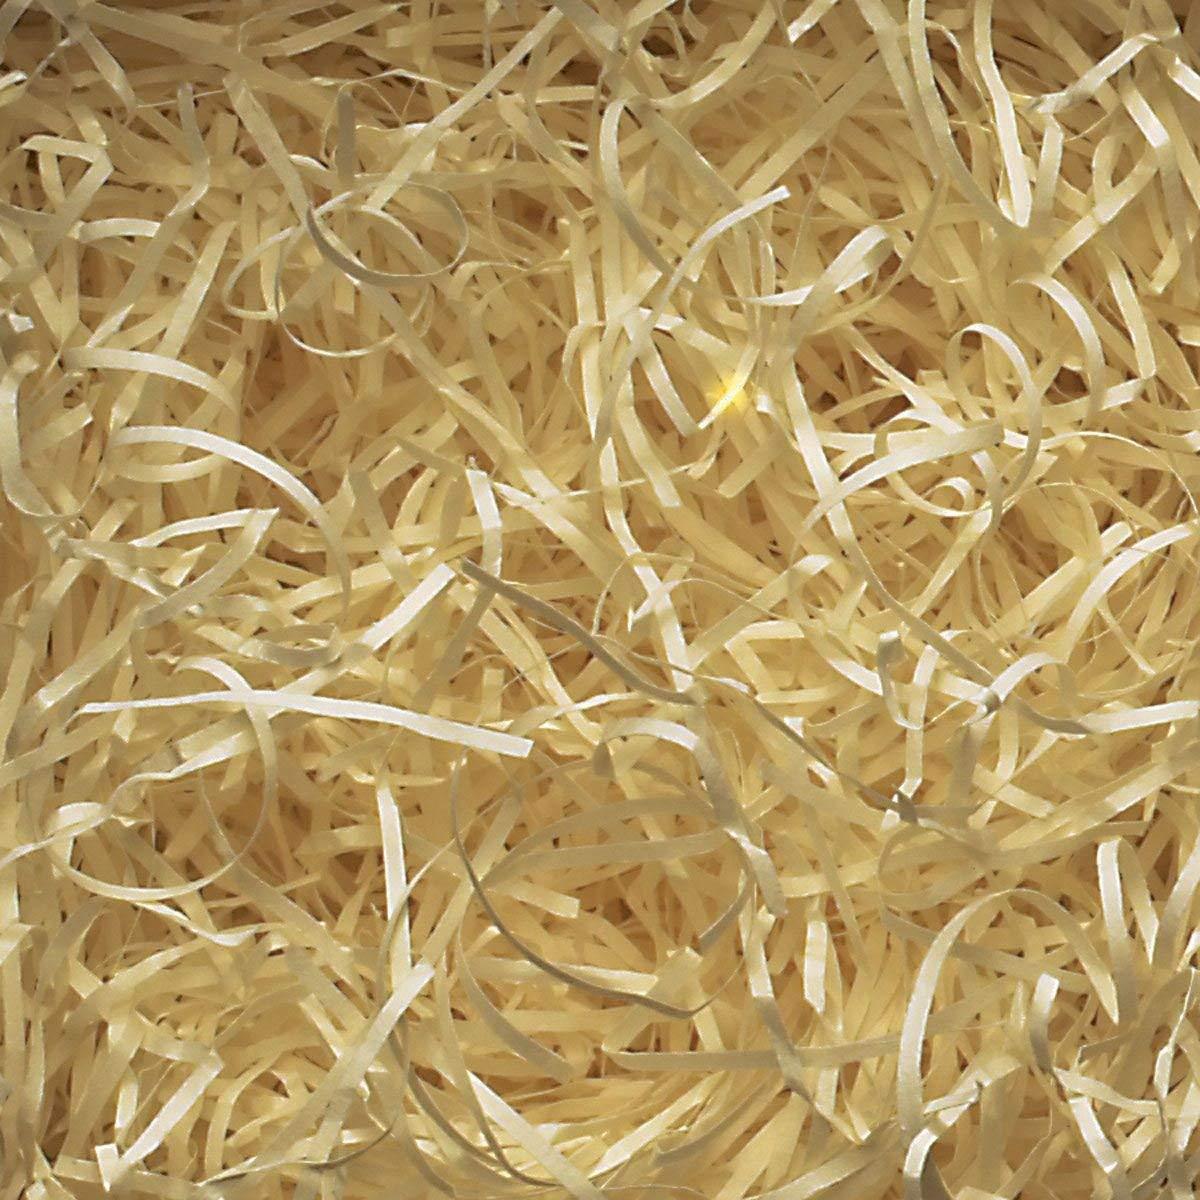 3XCream Shredded Kraft Paper Ideal for Hamper Fill